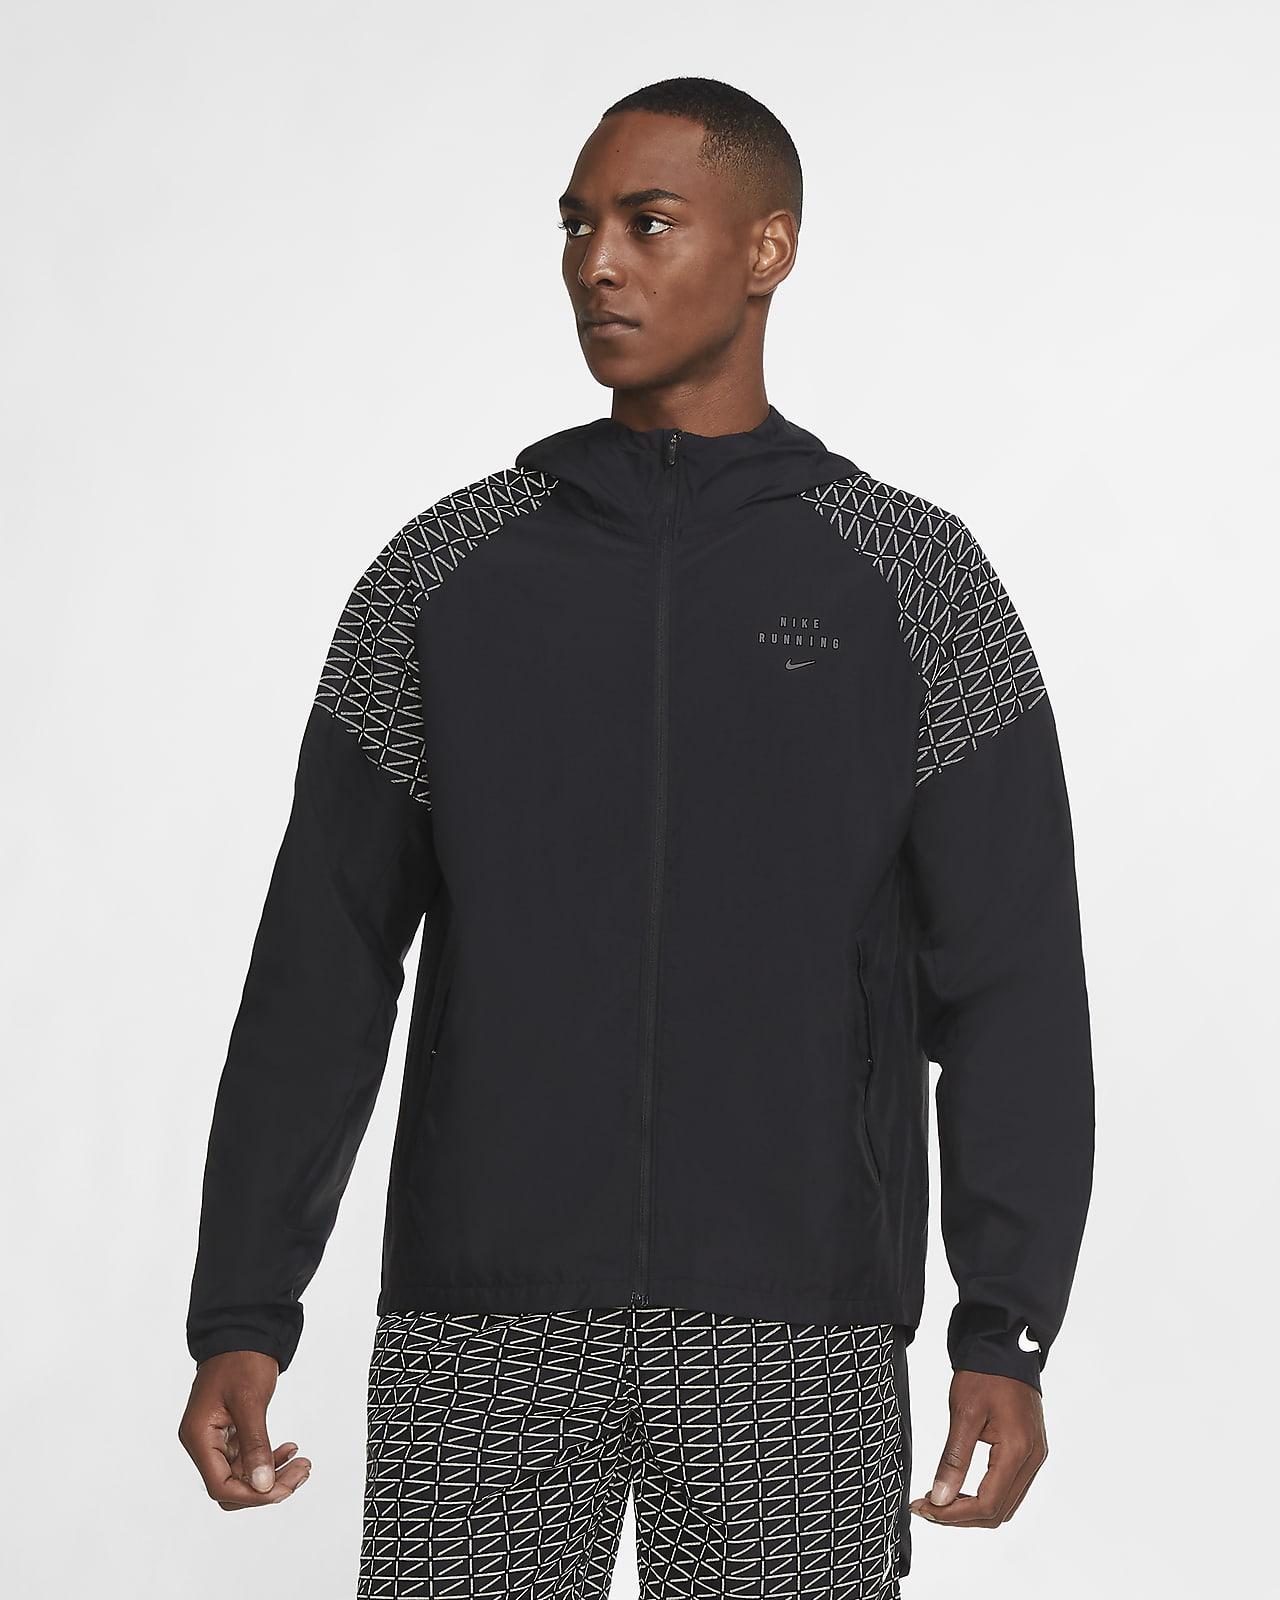 เสื้อแจ็คเก็ตวิ่งผู้ชาย Nike Essential Run Division Flash